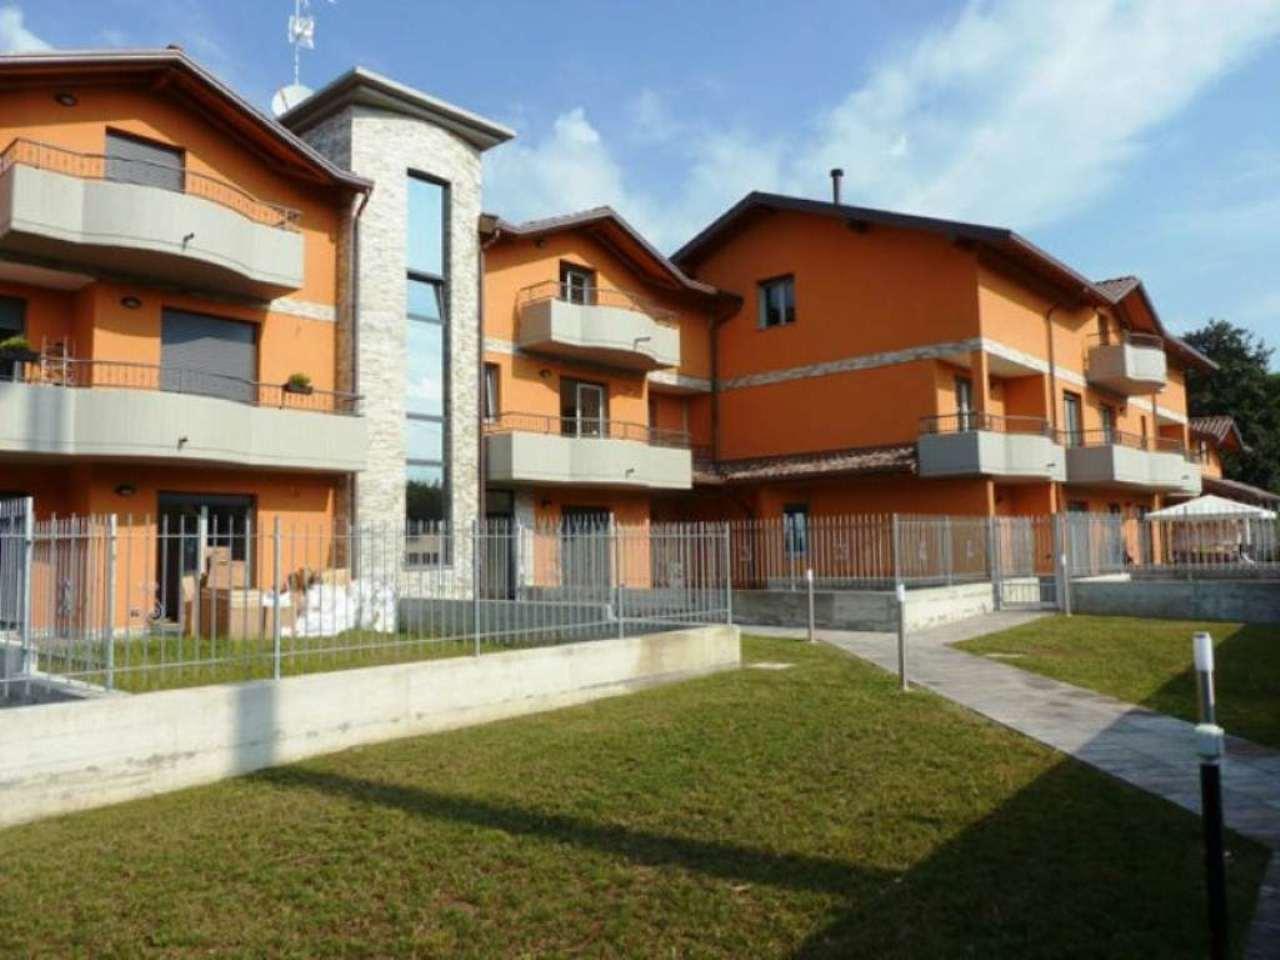 Appartamento in vendita a Marnate, 3 locali, prezzo € 172.000 | Cambio Casa.it